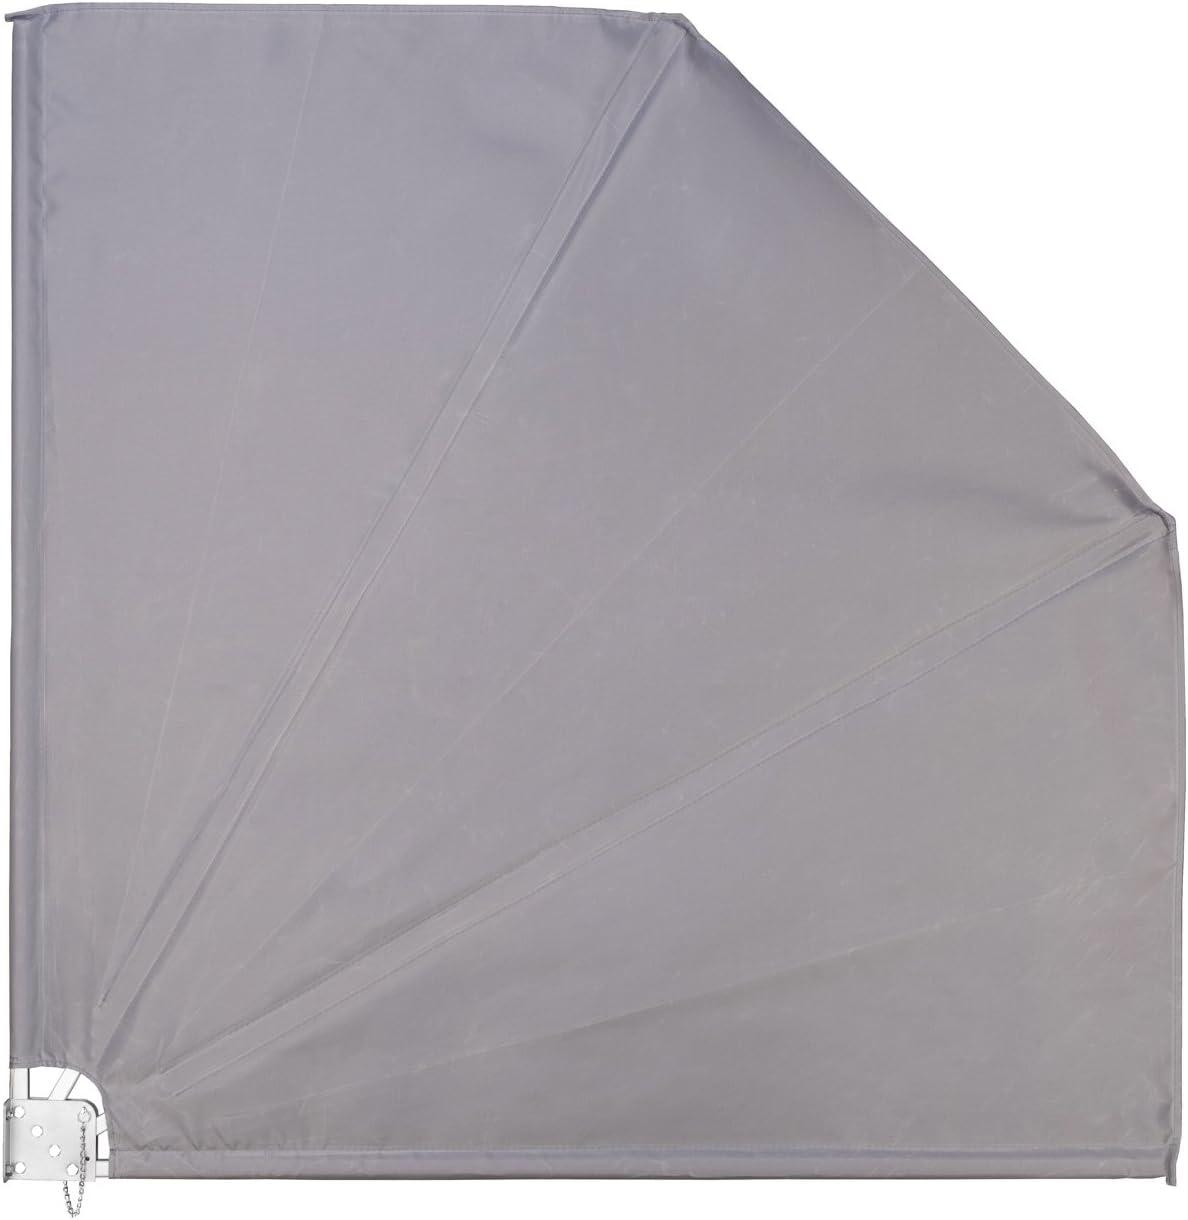 Ventanara Balkonfacher Grau Sichtschutz Windschutz Sonnensegel 140